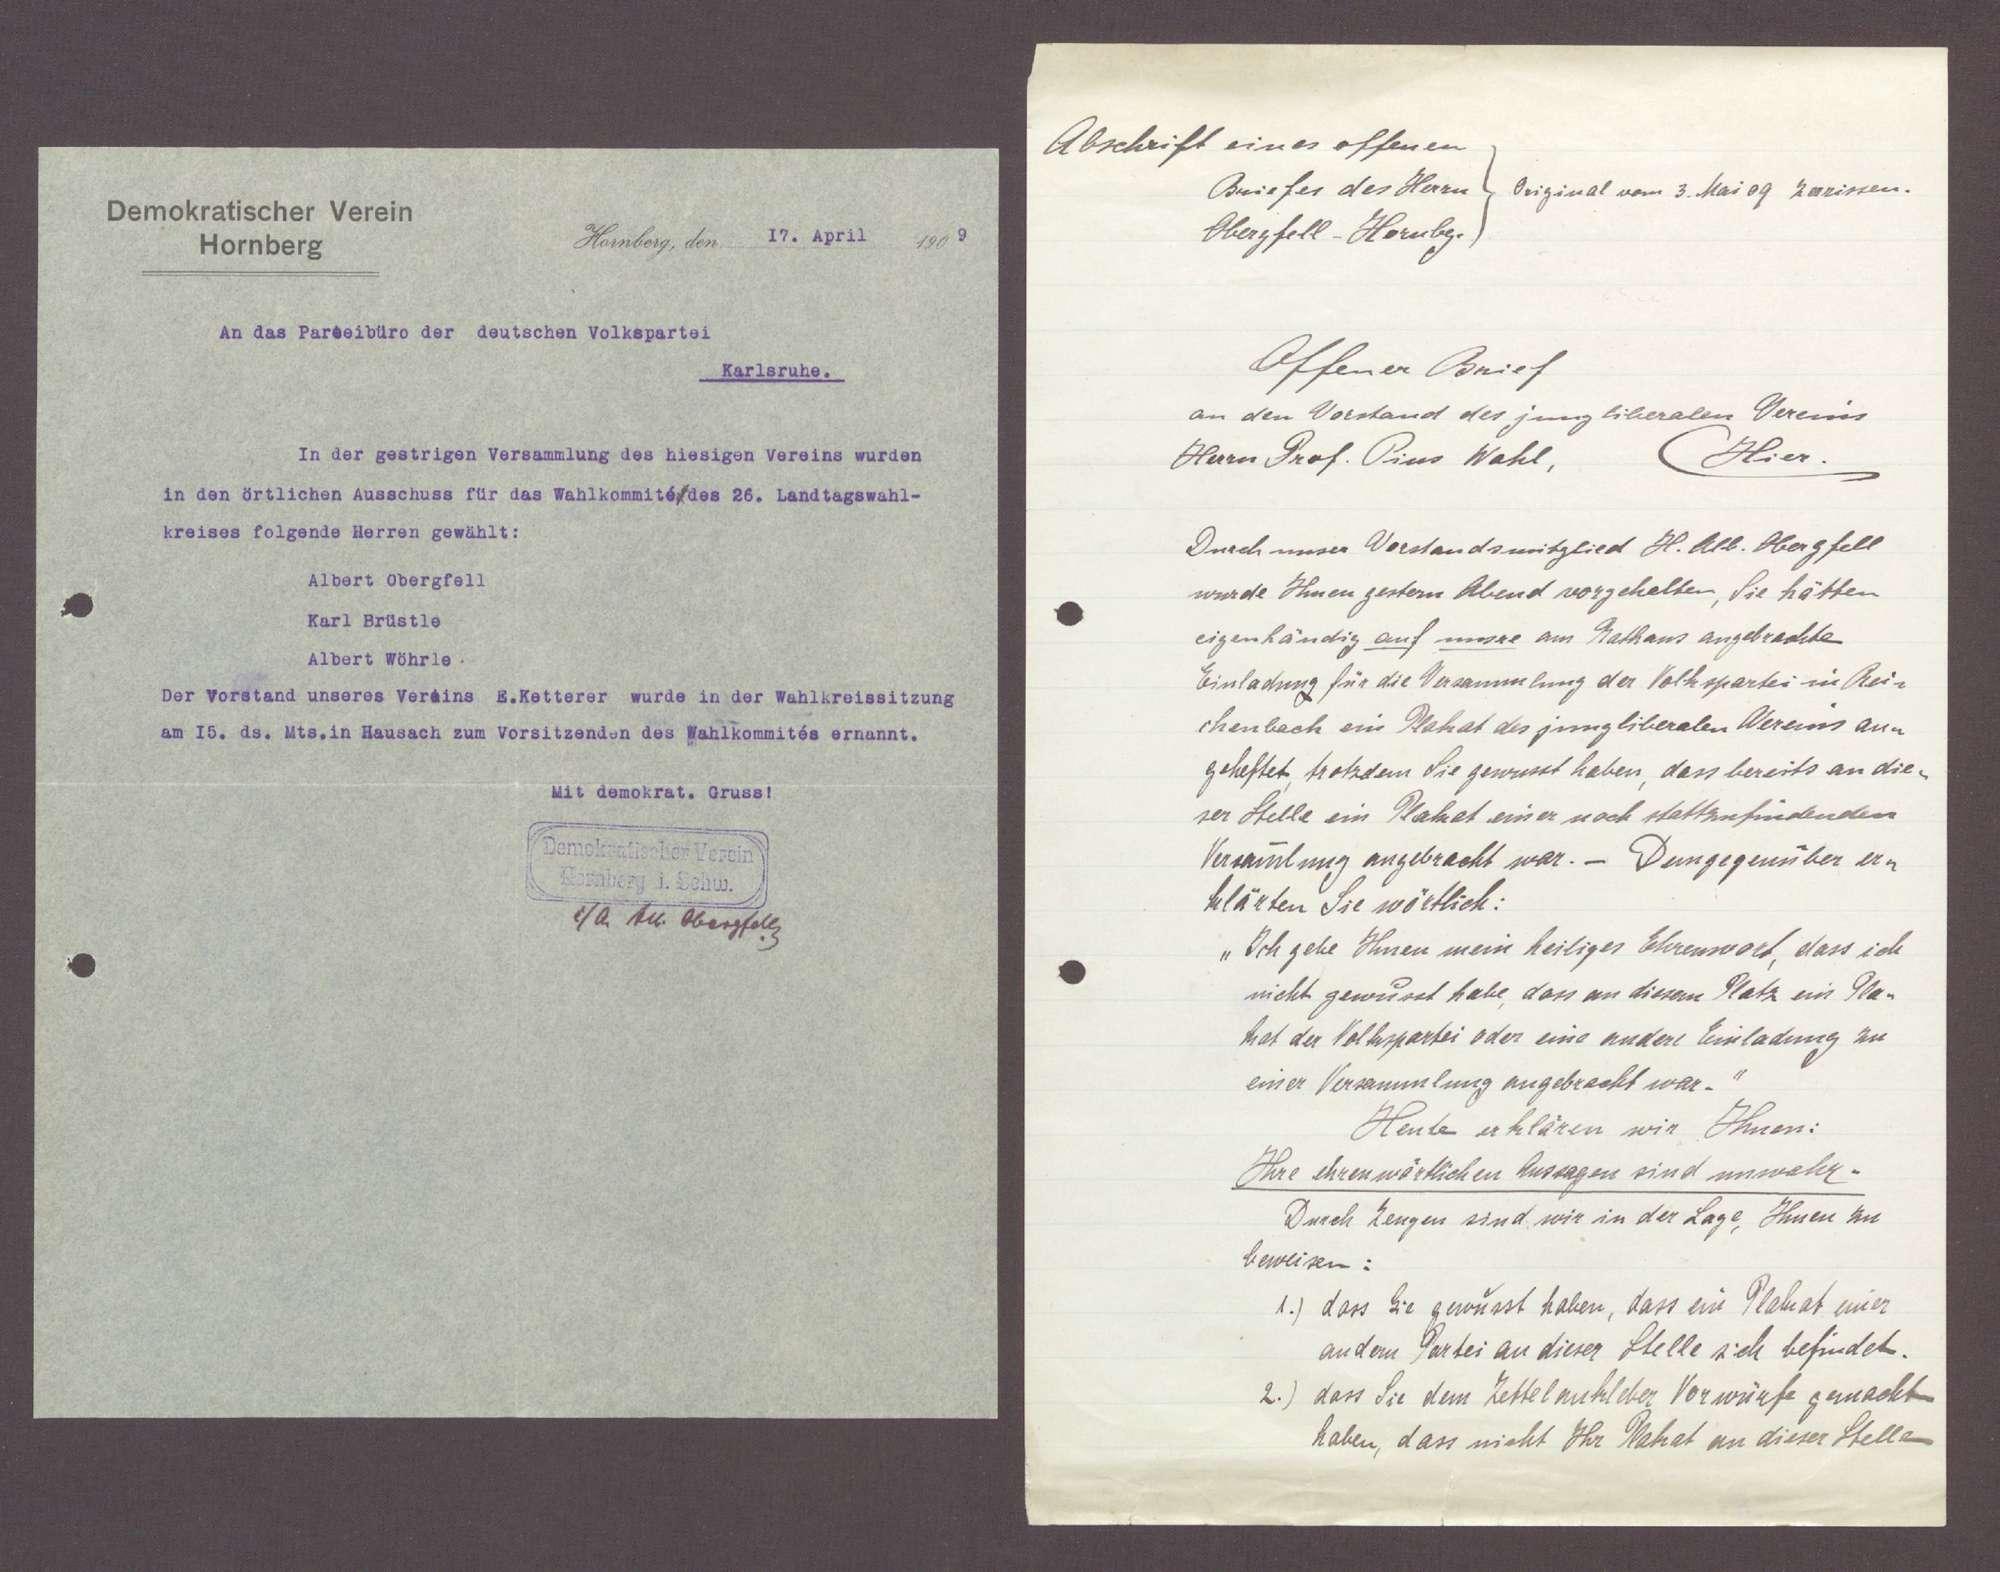 Korrespondenz zwischen Albert Obergfell, Fabrikant, Hornberg, und Hermann Hummel: Wahlkampf in Hornberg, 10 Schreiben, Bild 1